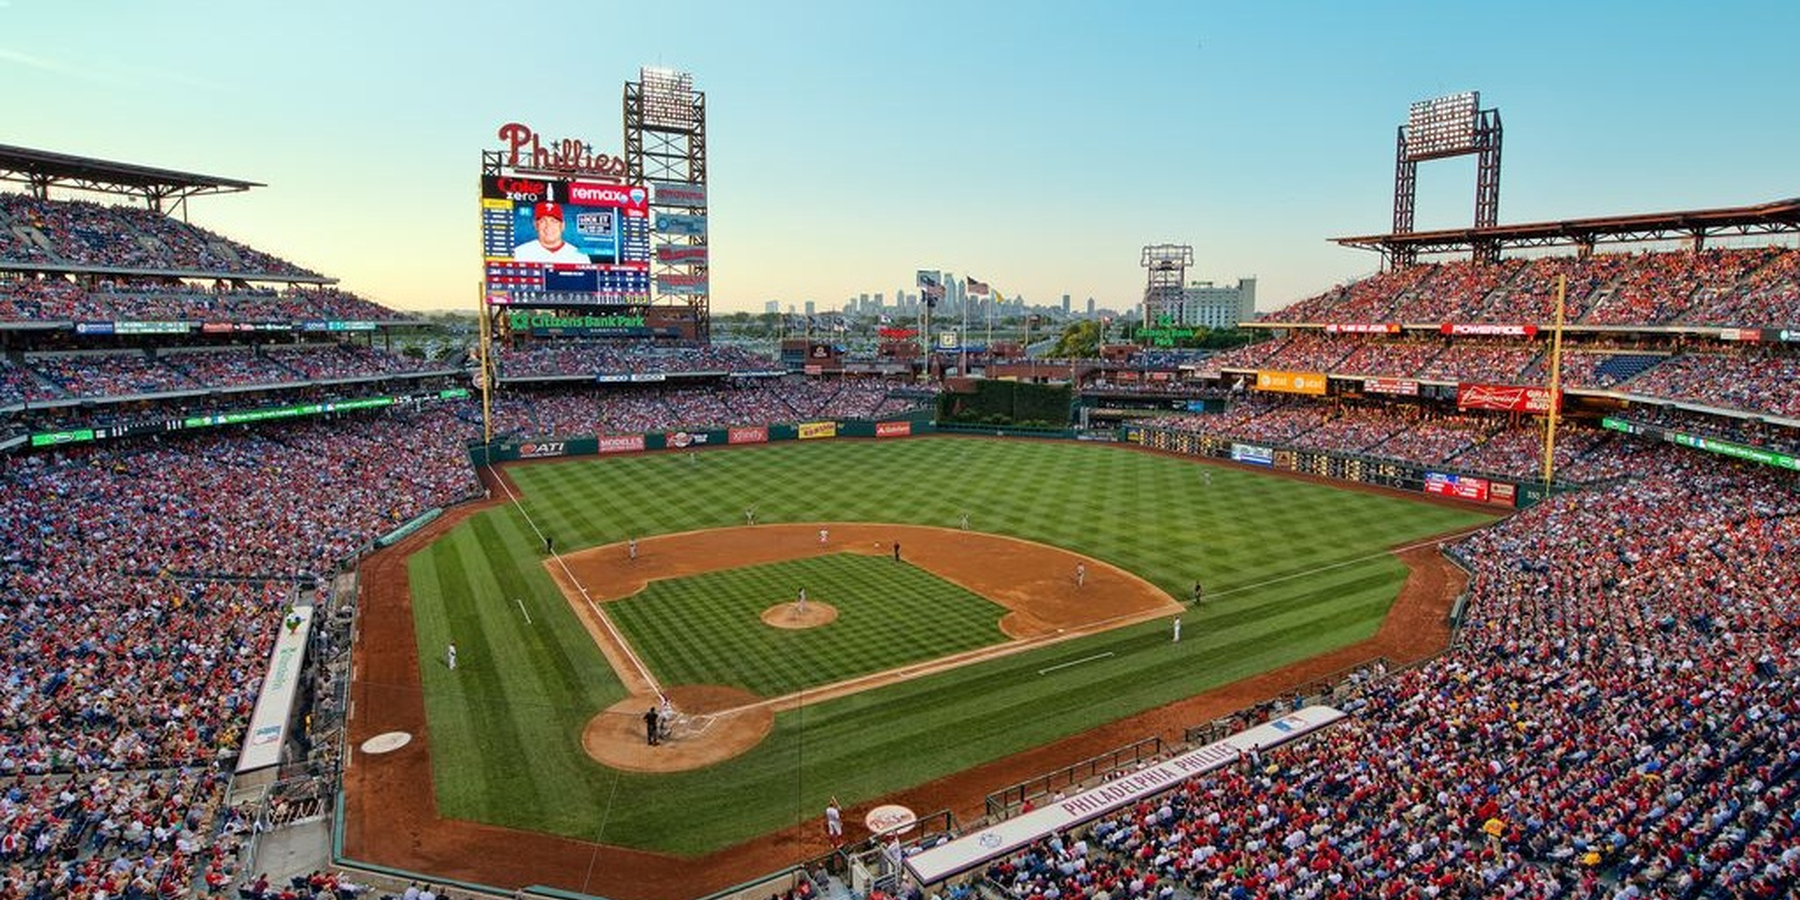 Philadelphia Phillies - Honkbal - Sport - Pennsylvania - Amerika - Doets Reizen